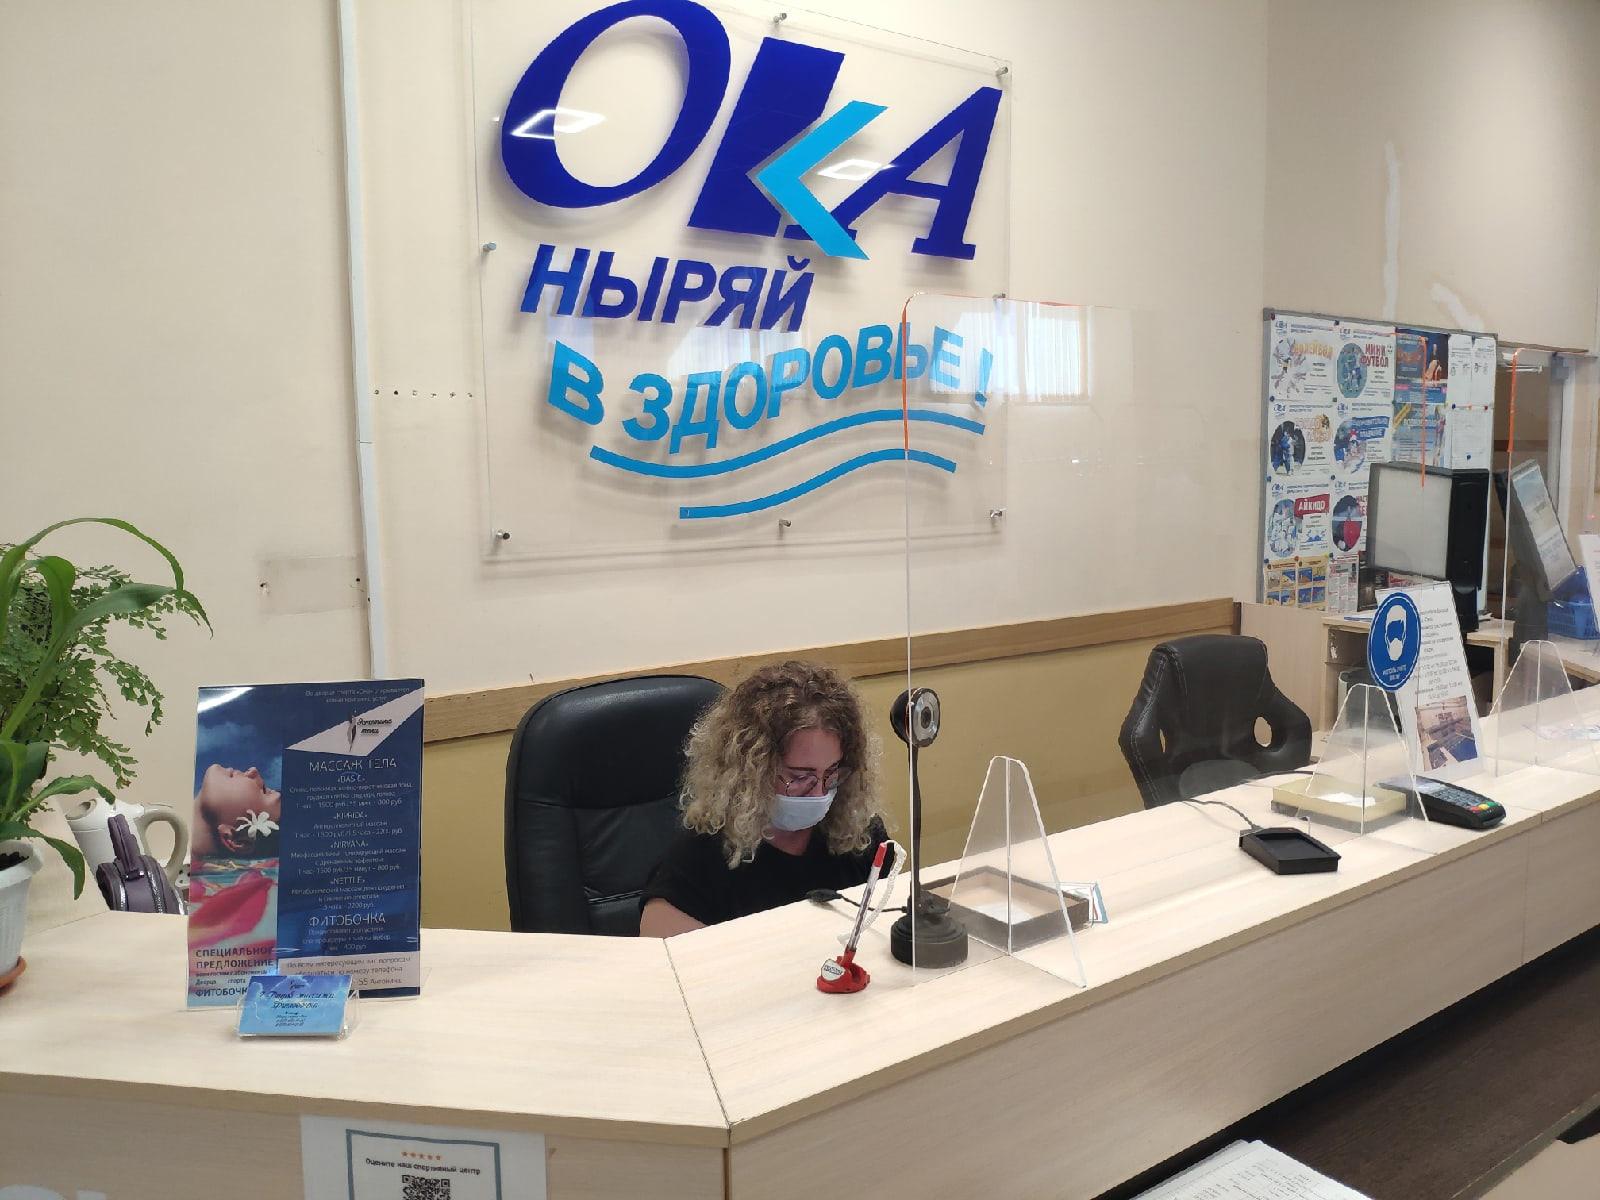 Из-за технических проблем на ресепшн Дворца спорта «Ока» временно не работает телефон.